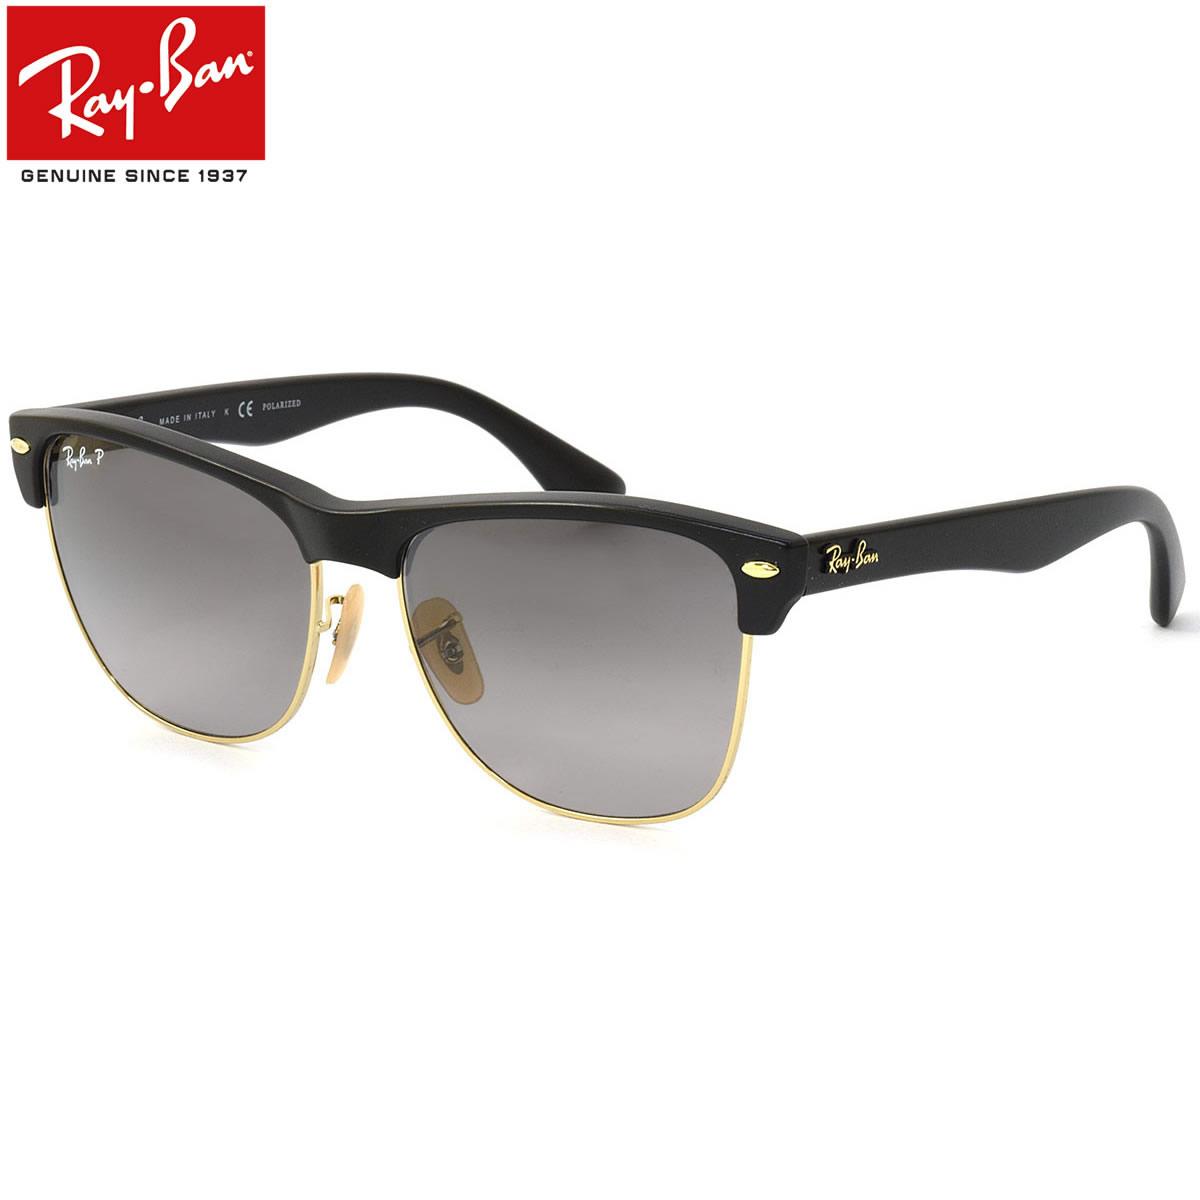 レイバン サングラス クラブマスター Ray-Ban RB4175 877/M3 57サイズ RAYBAN CLUBMASTER OVERSIZED クラブマスター 偏光 ビッグシェイプ メンズ レディース